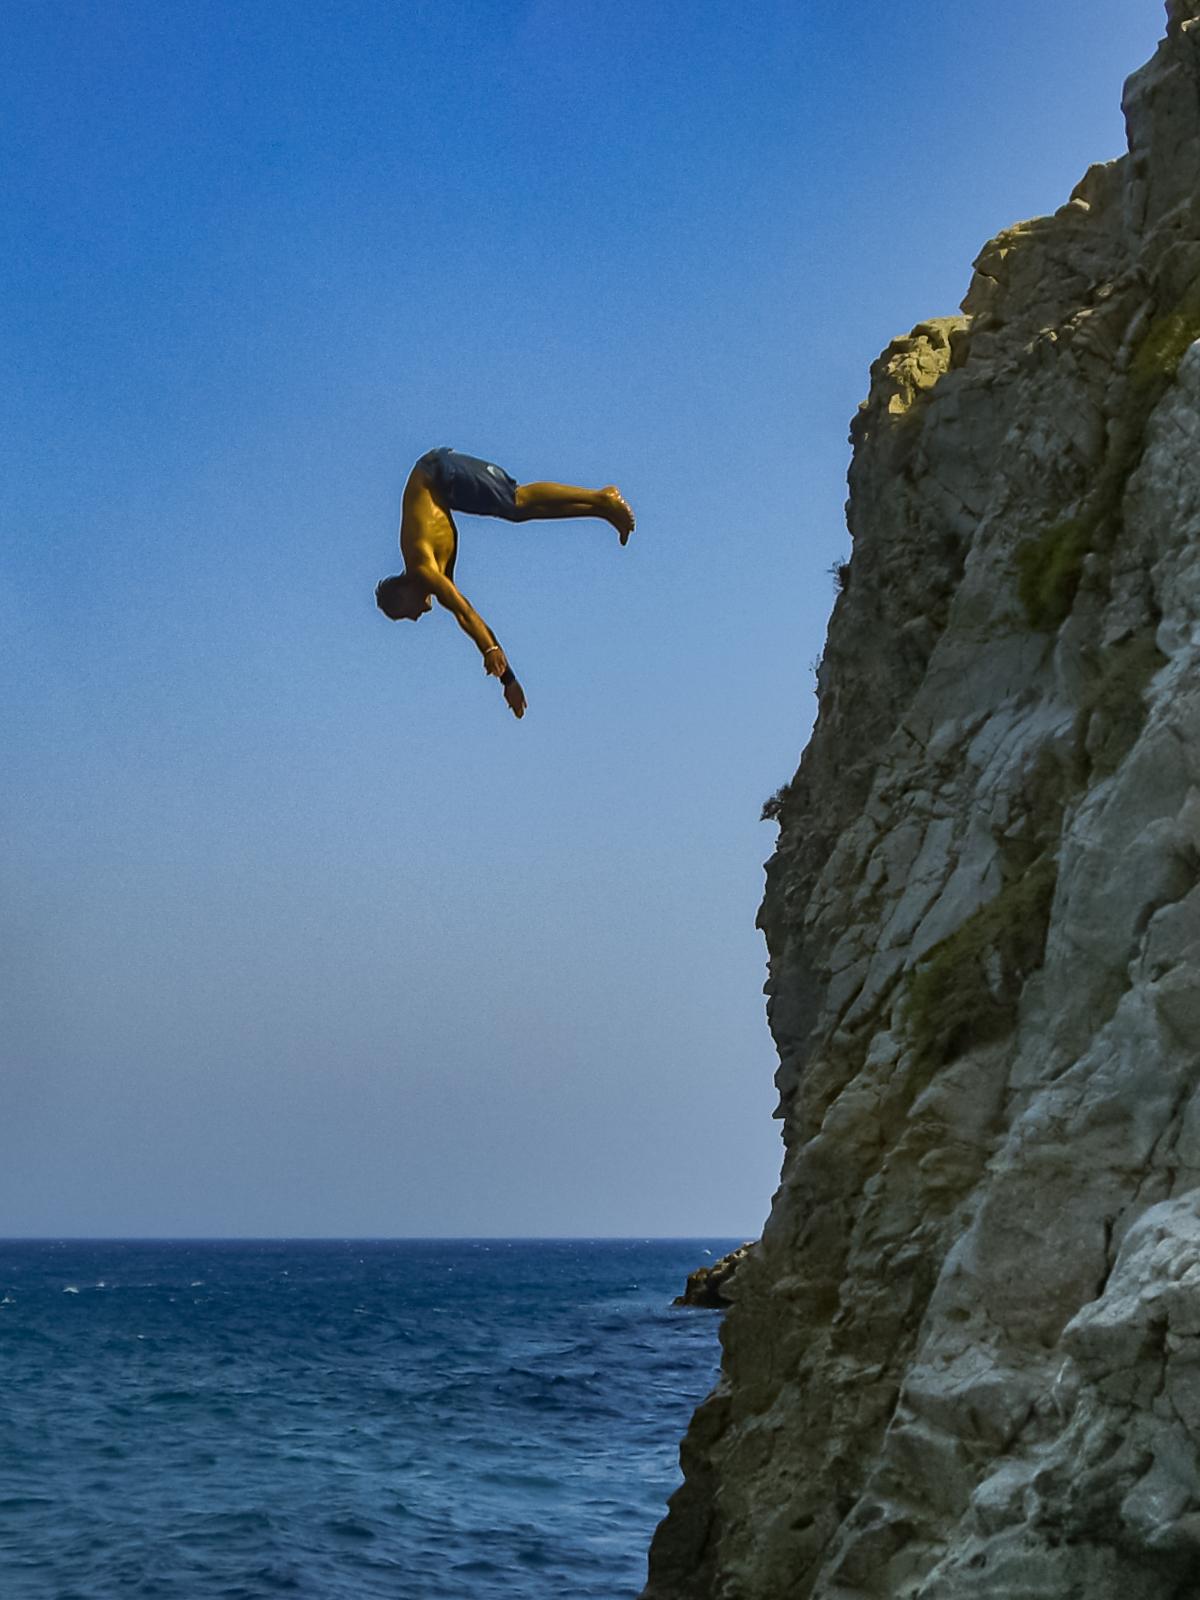 File:Santorin Klippenspringen cliff diving (24005131701 ...